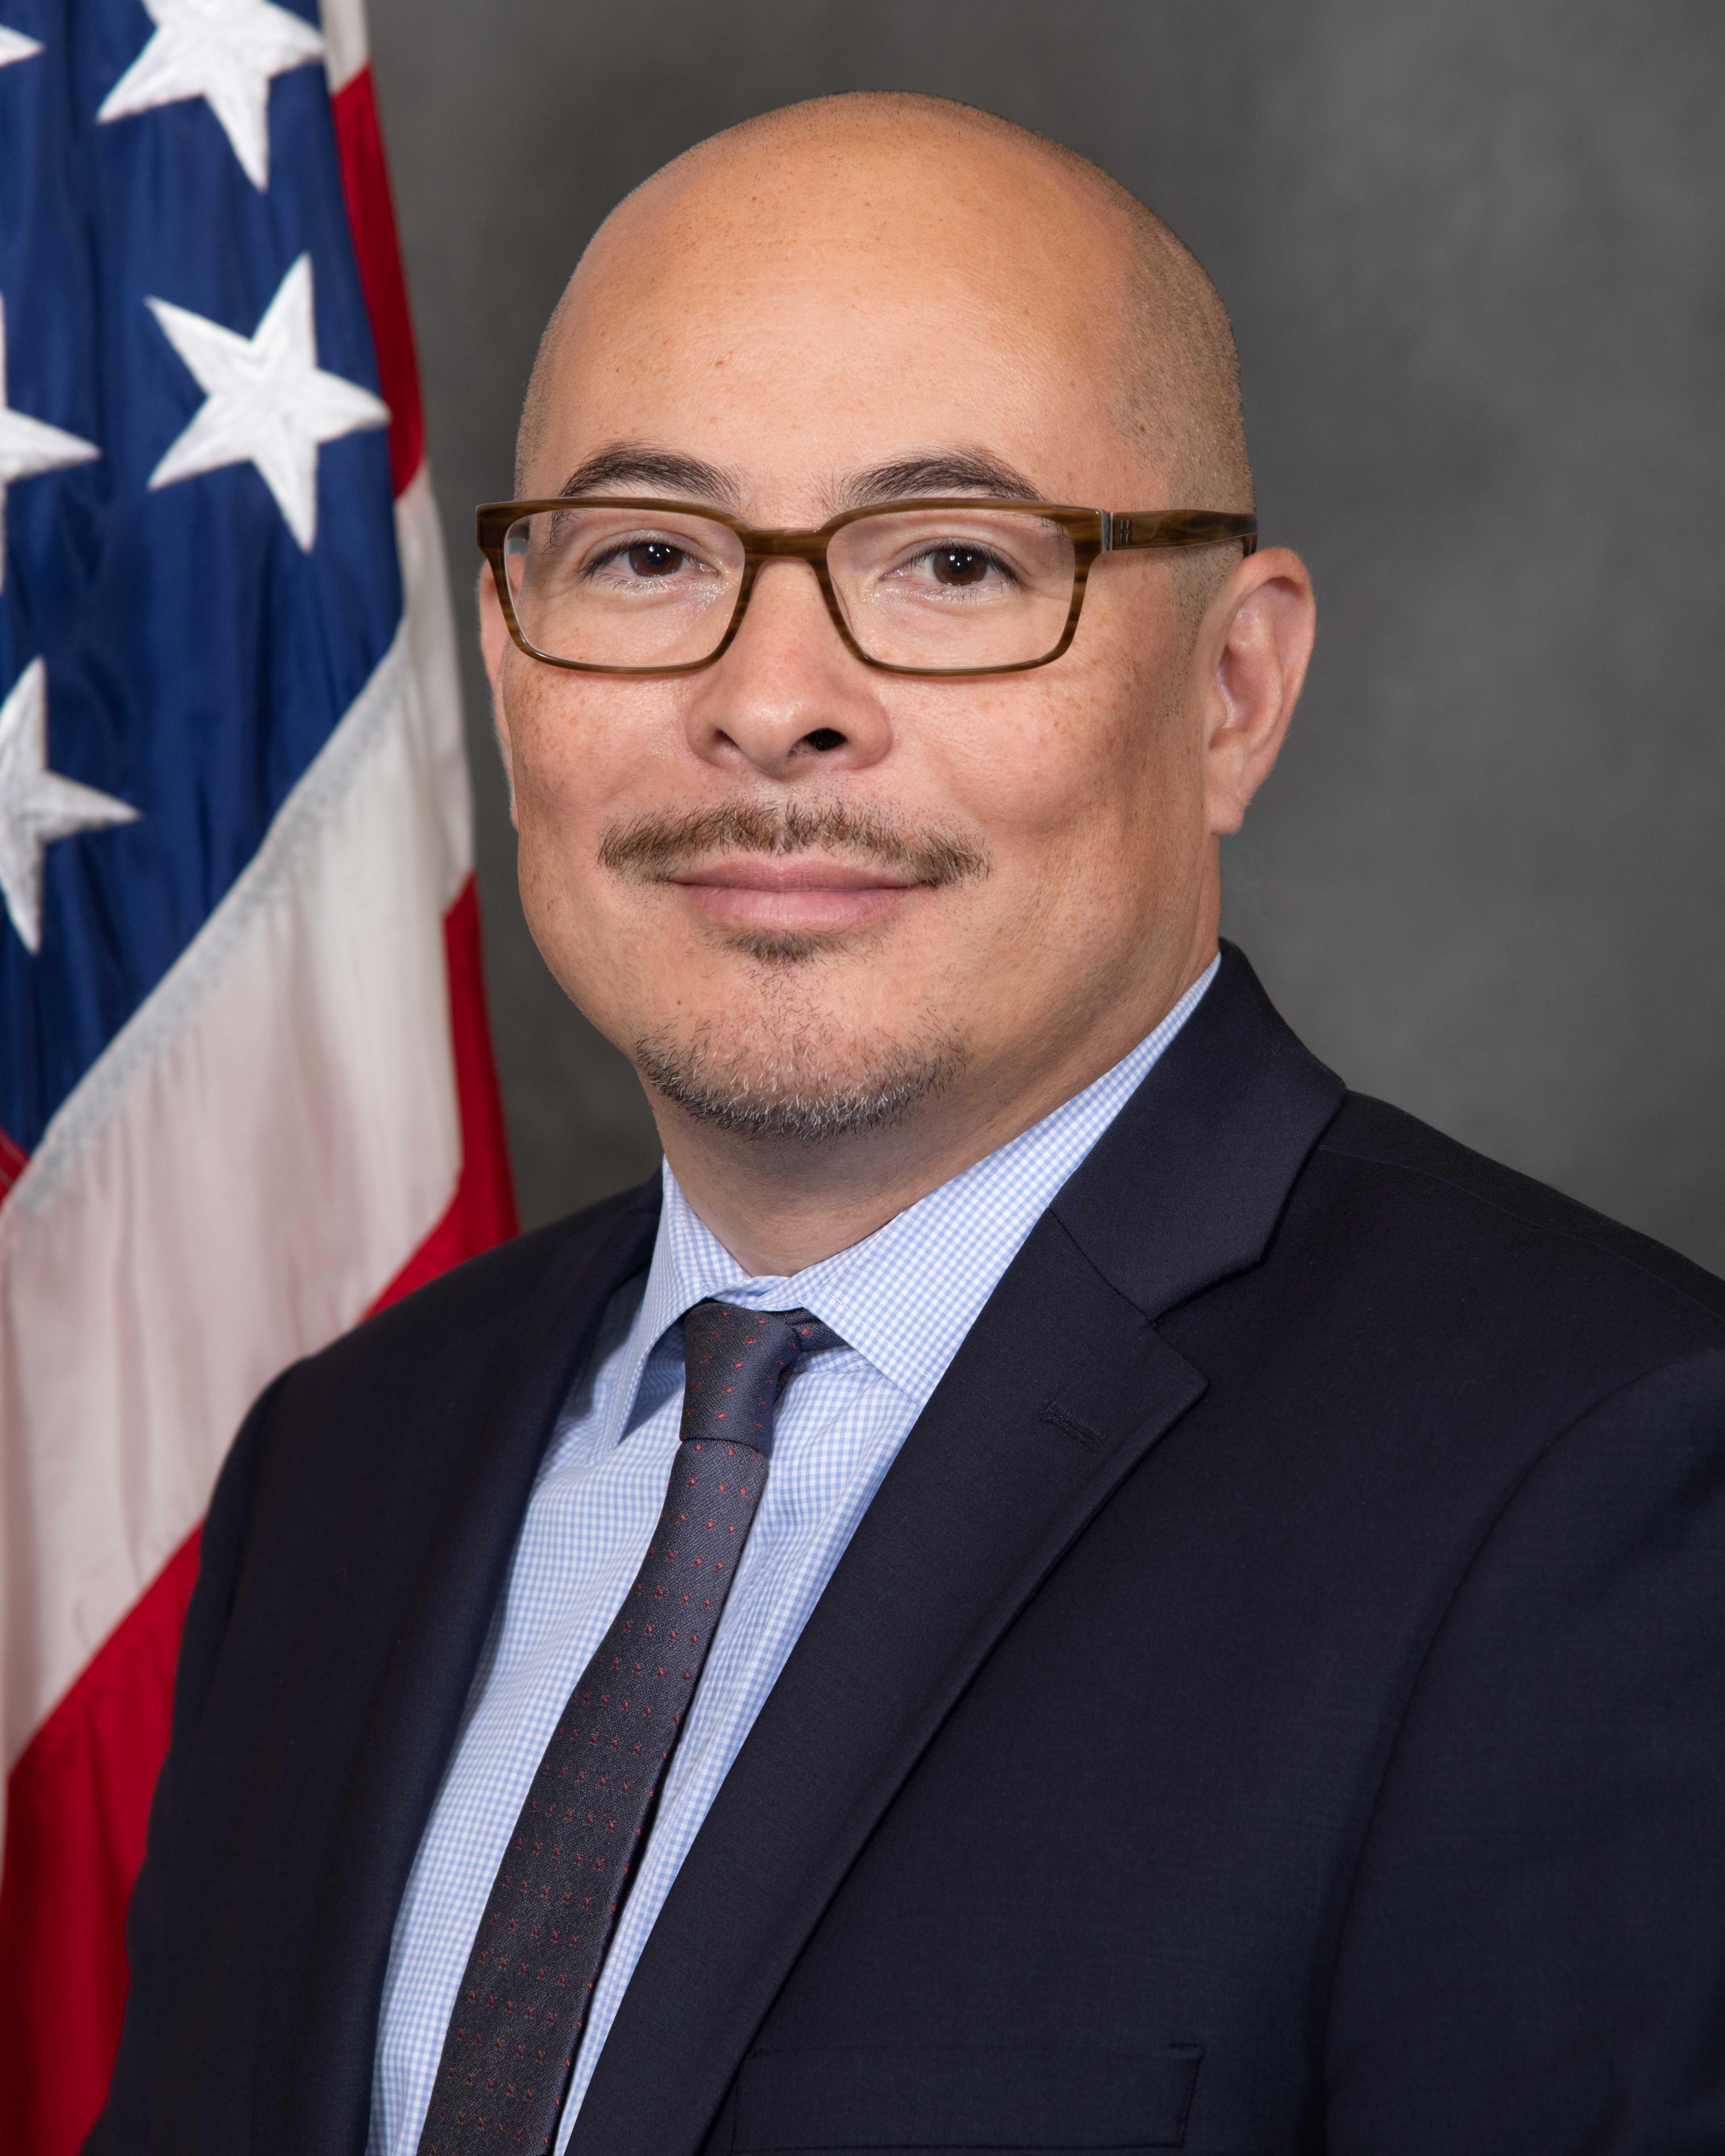 Comissioner John Hamasaki